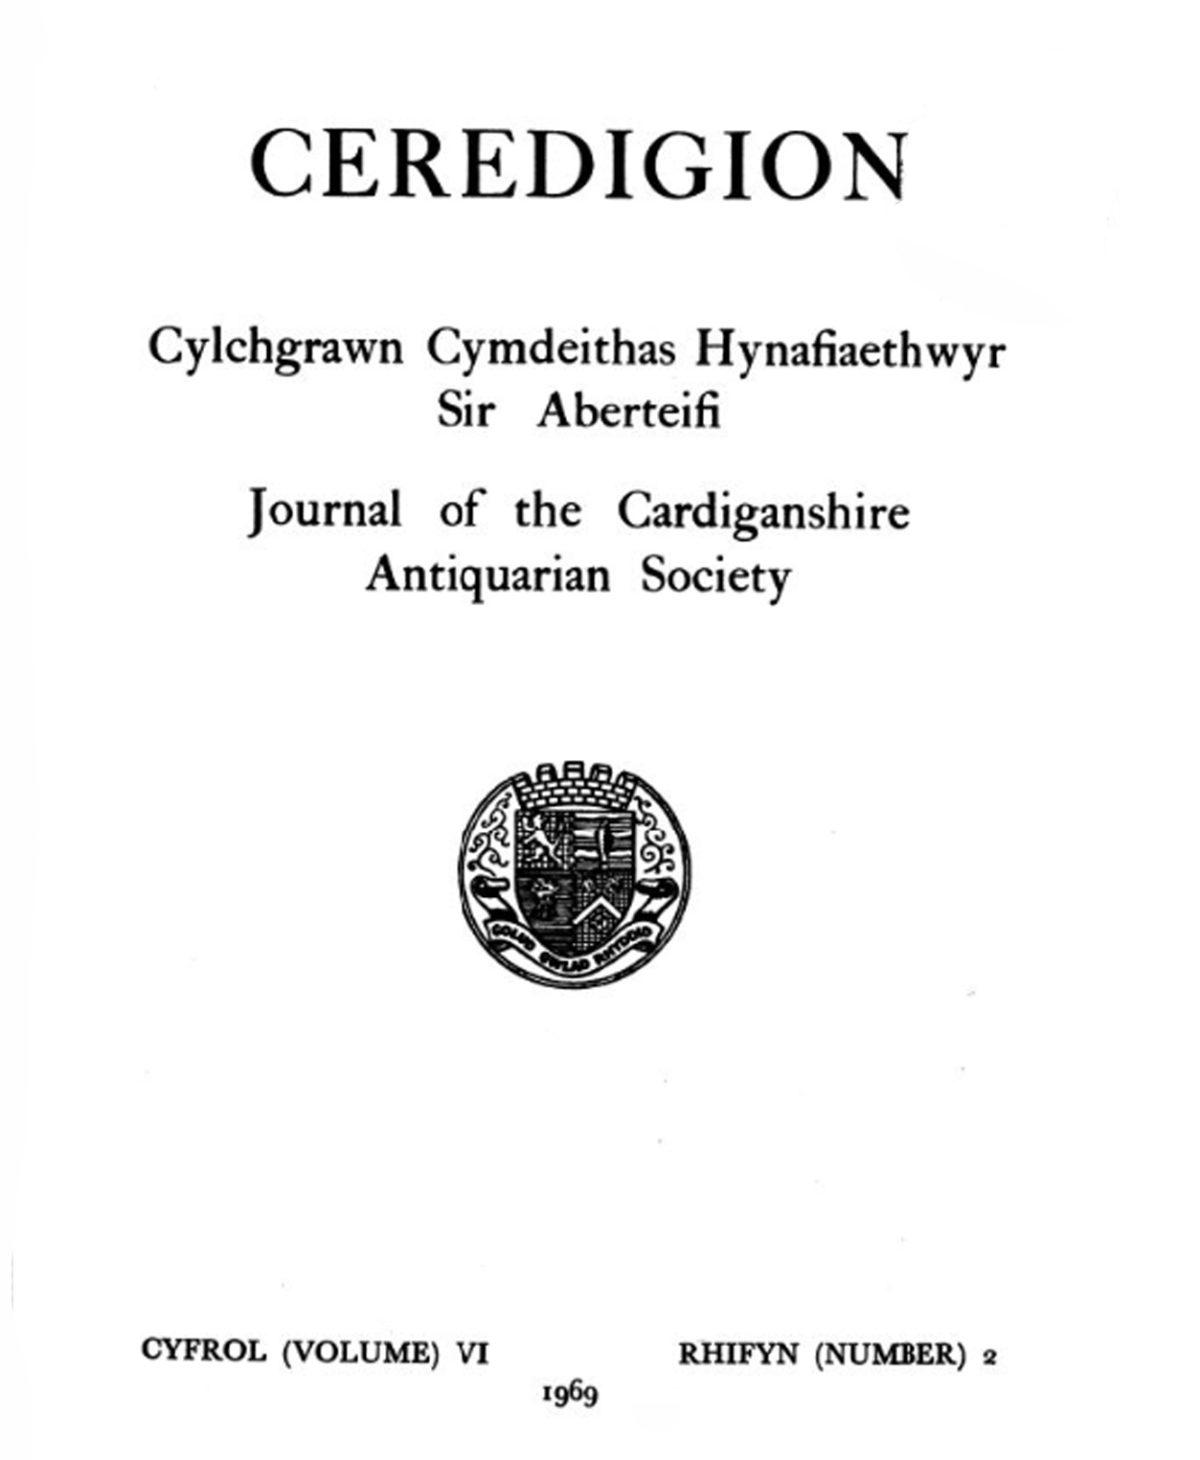 Ceredigion – Cylchgrawn Cymdeithas Hynafiaethwyr Sir Aberteifi, 1969 Cyfrol VI Rhifyn 2